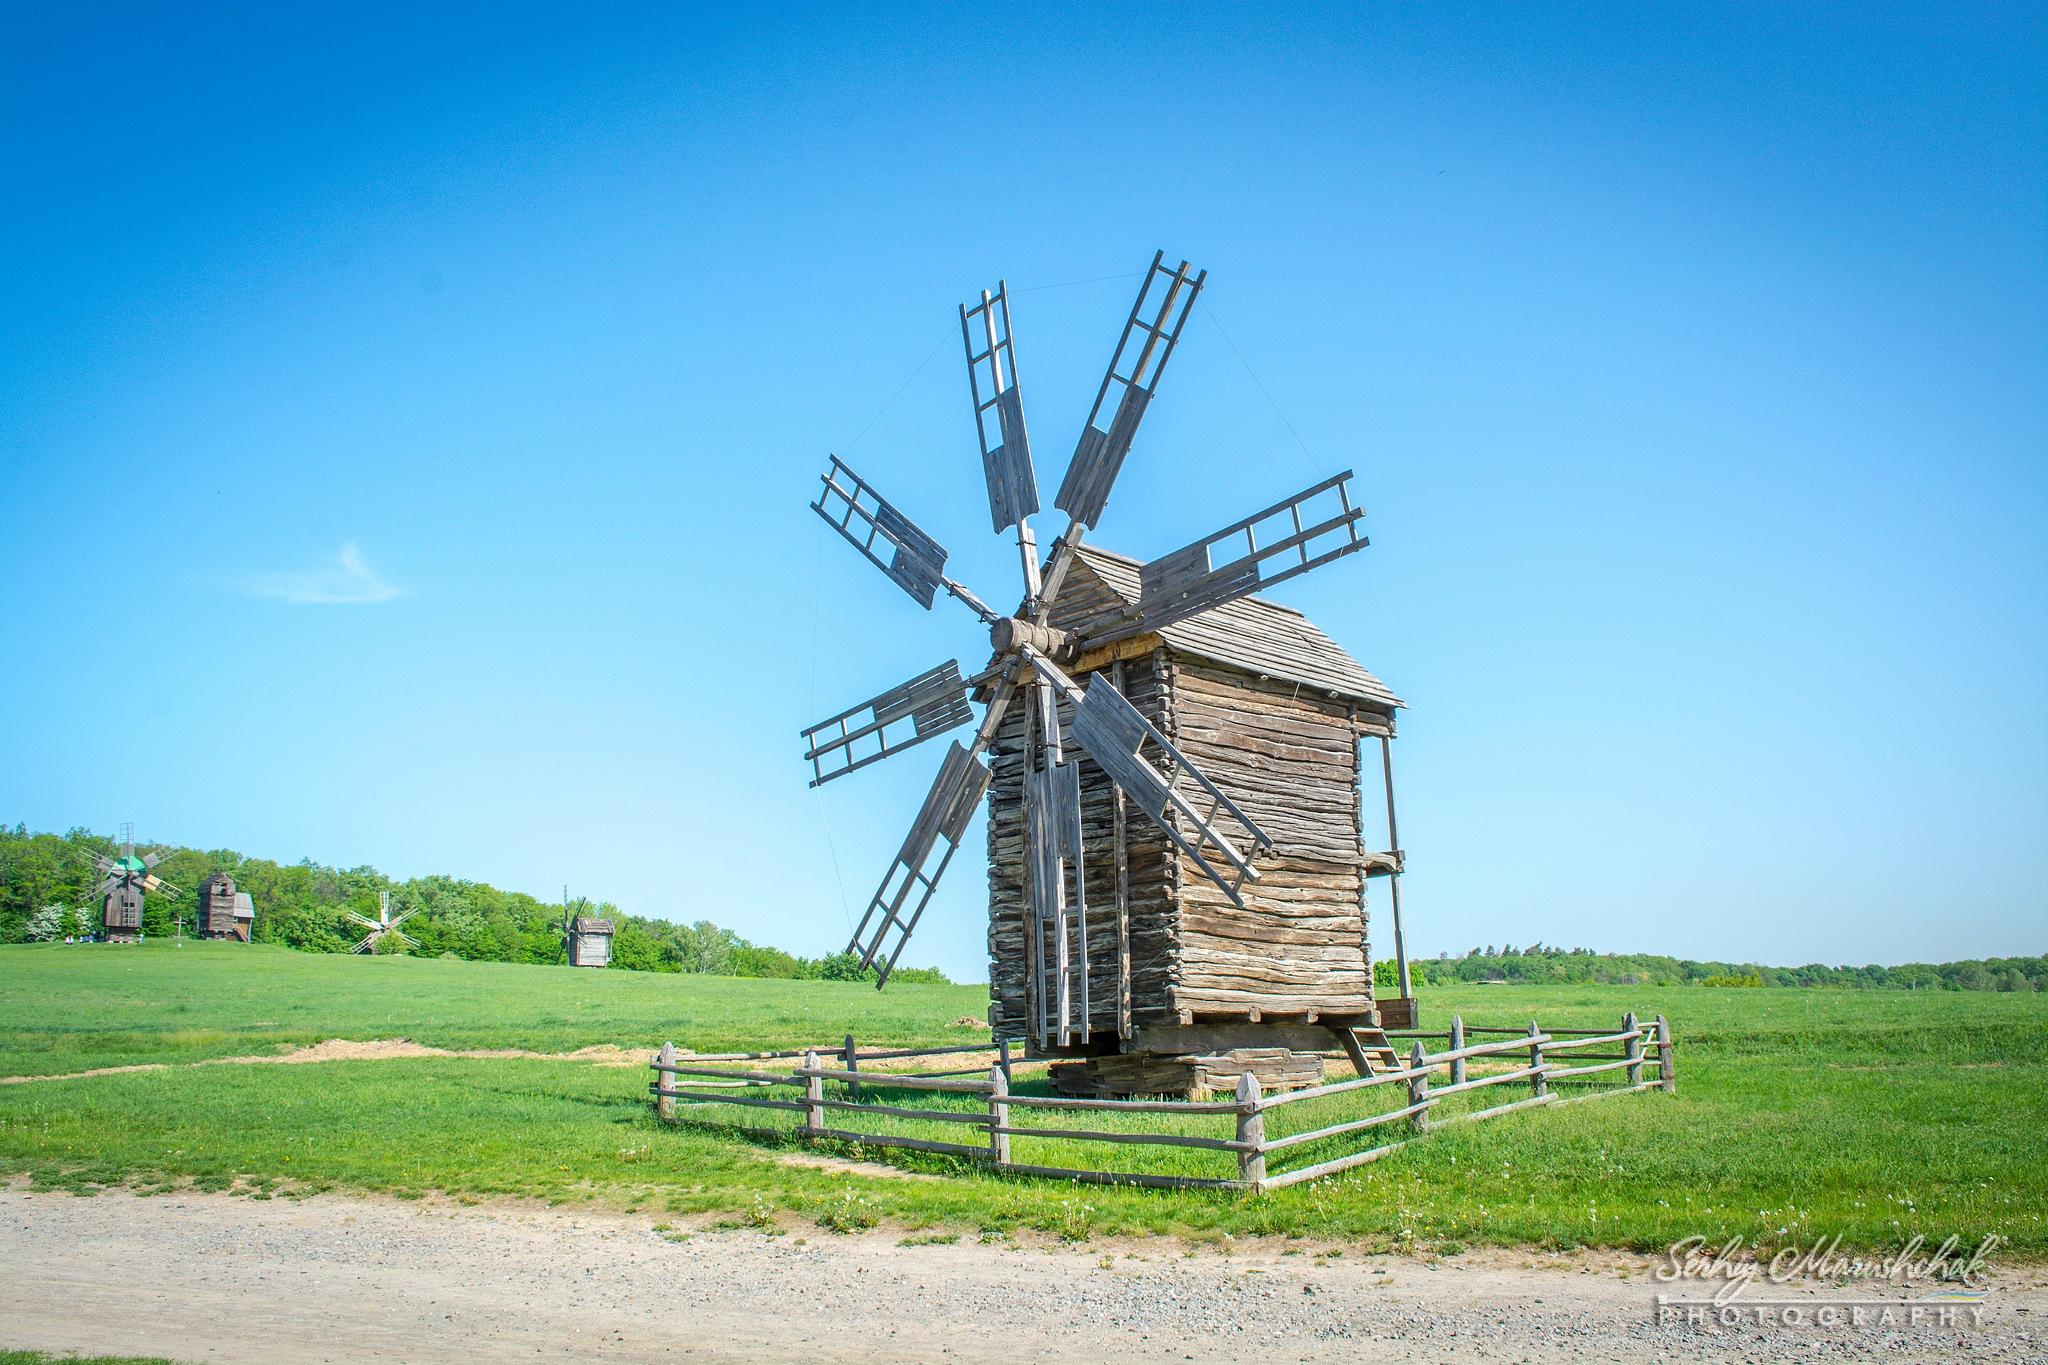 Вітряк... / Windmill... by artmars07